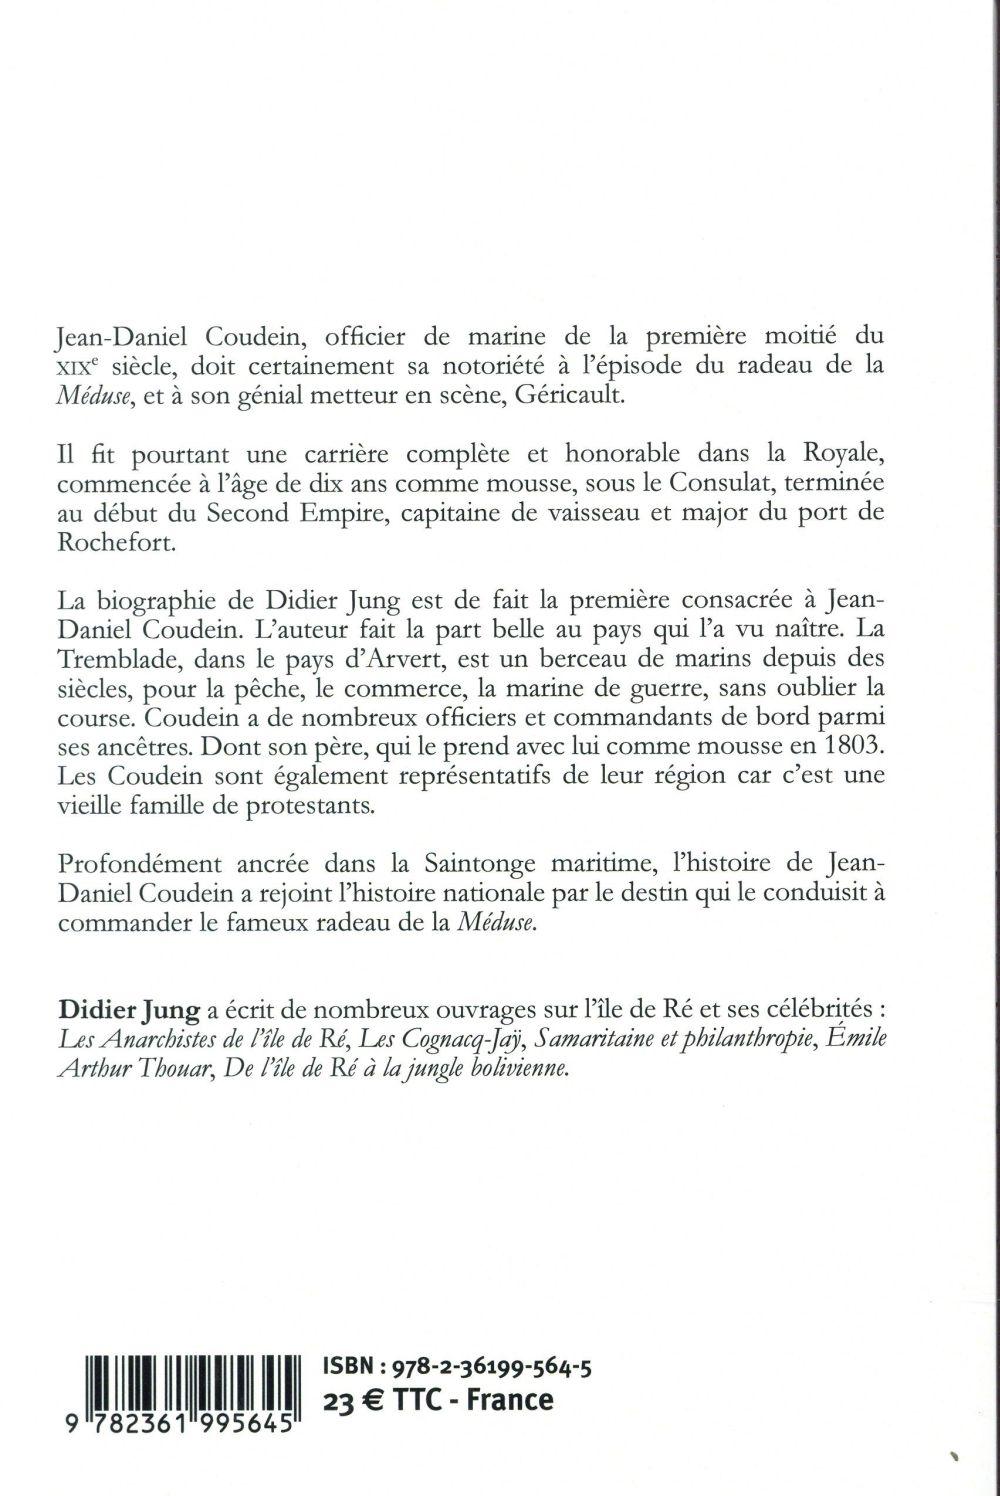 Jean-Daniel Coudein ; Commandant du radeau de la Méduse